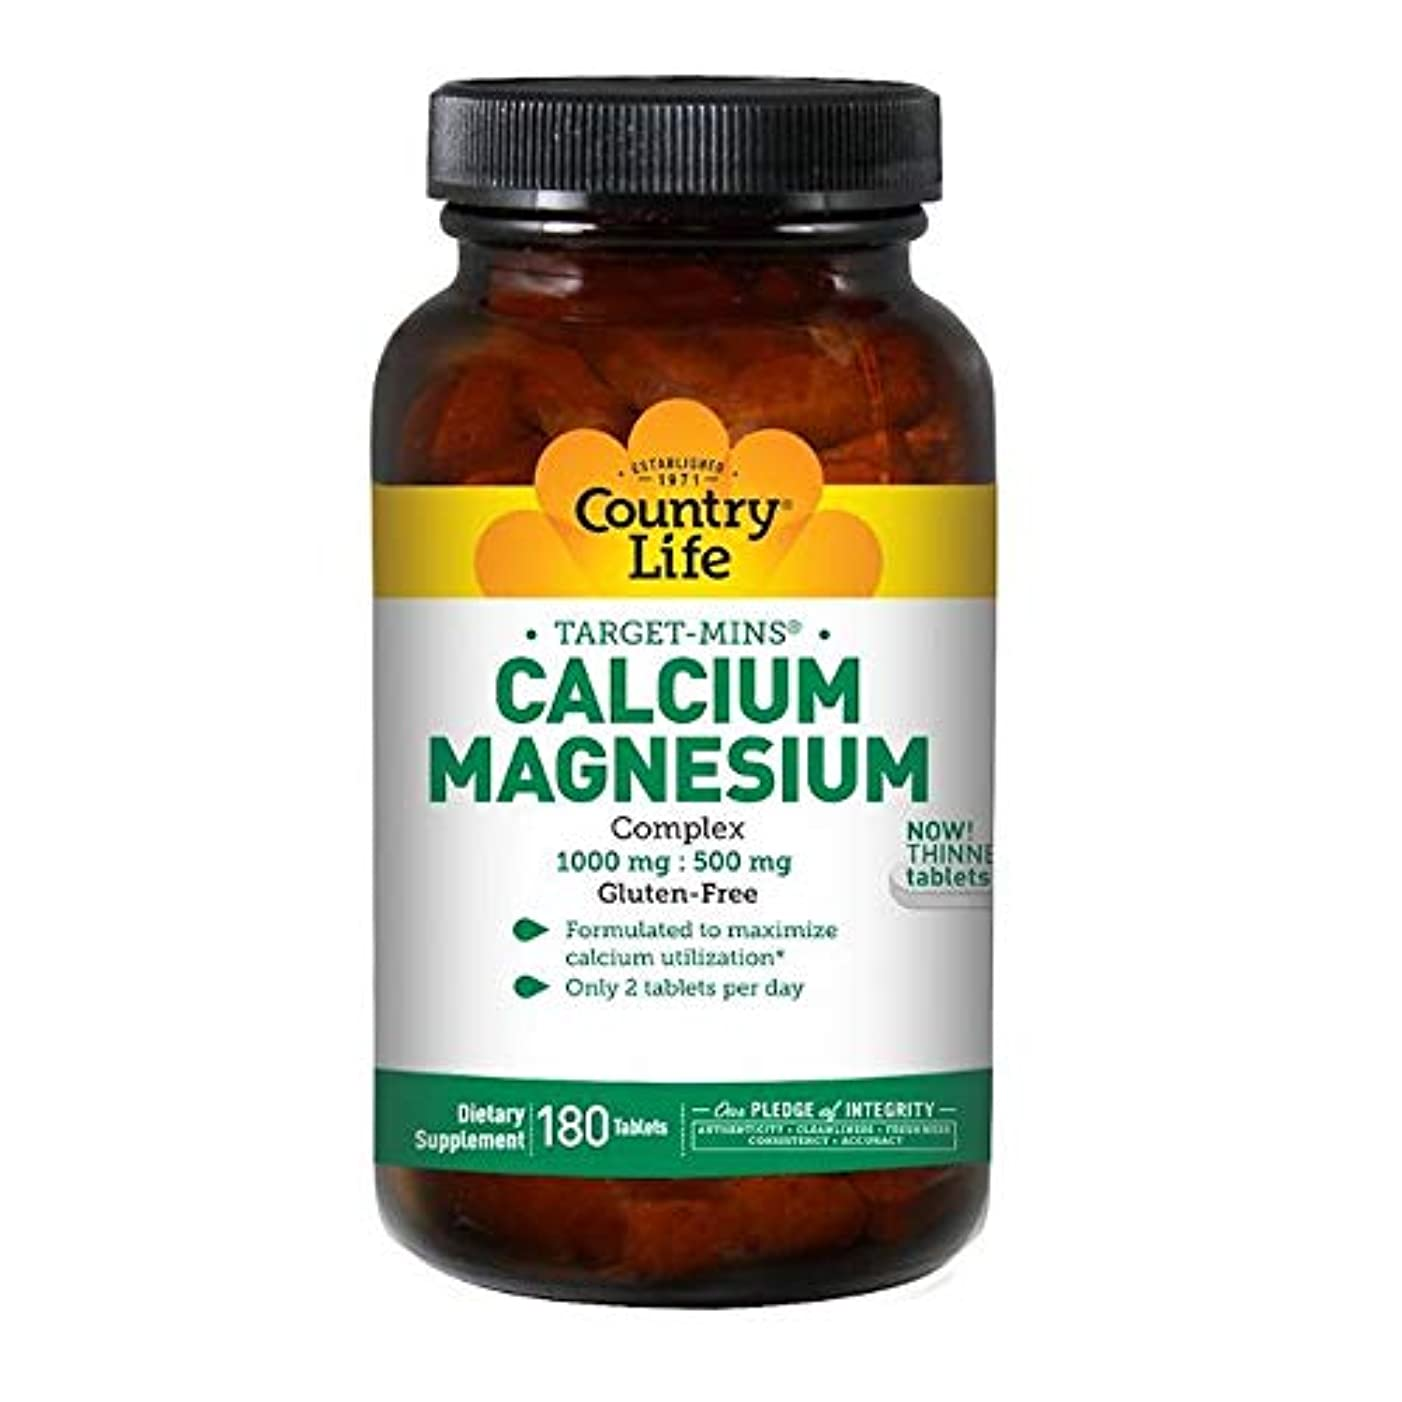 気付く触手比類のないCountry Life ターゲット ミネラル カルシウム マグネシウム 複合体 180錠 【アメリカ直送】